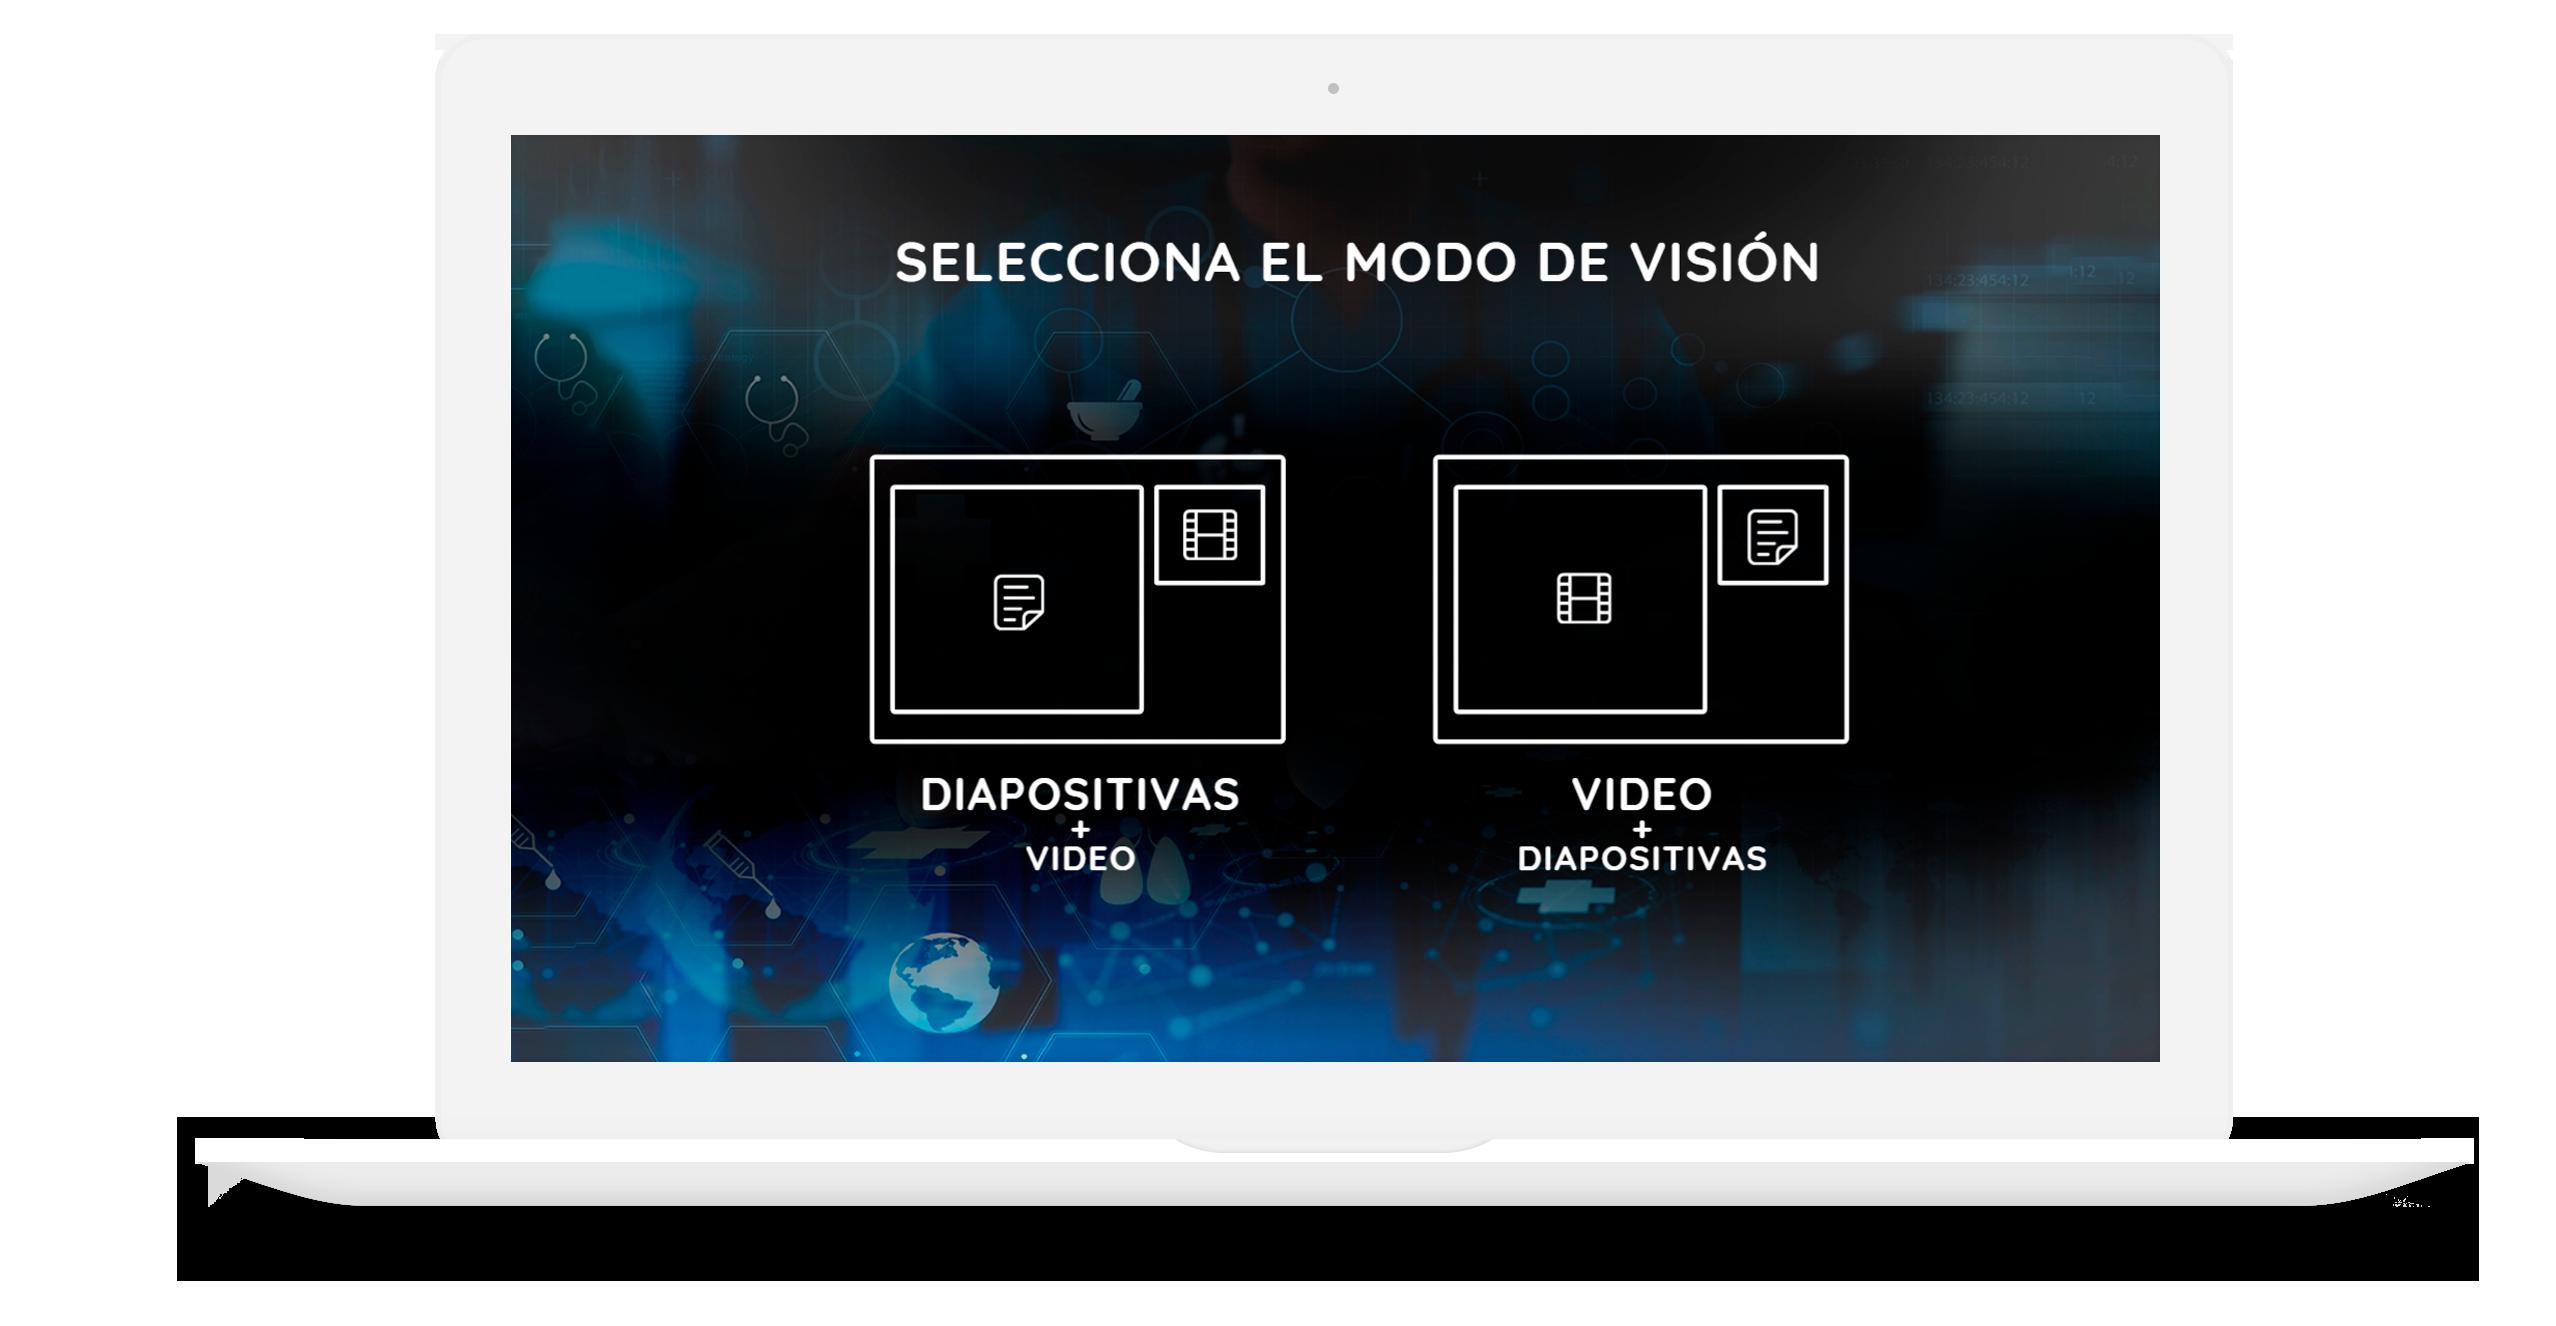 Vídeo formación de una forma atractiva, interactiva y eficaz